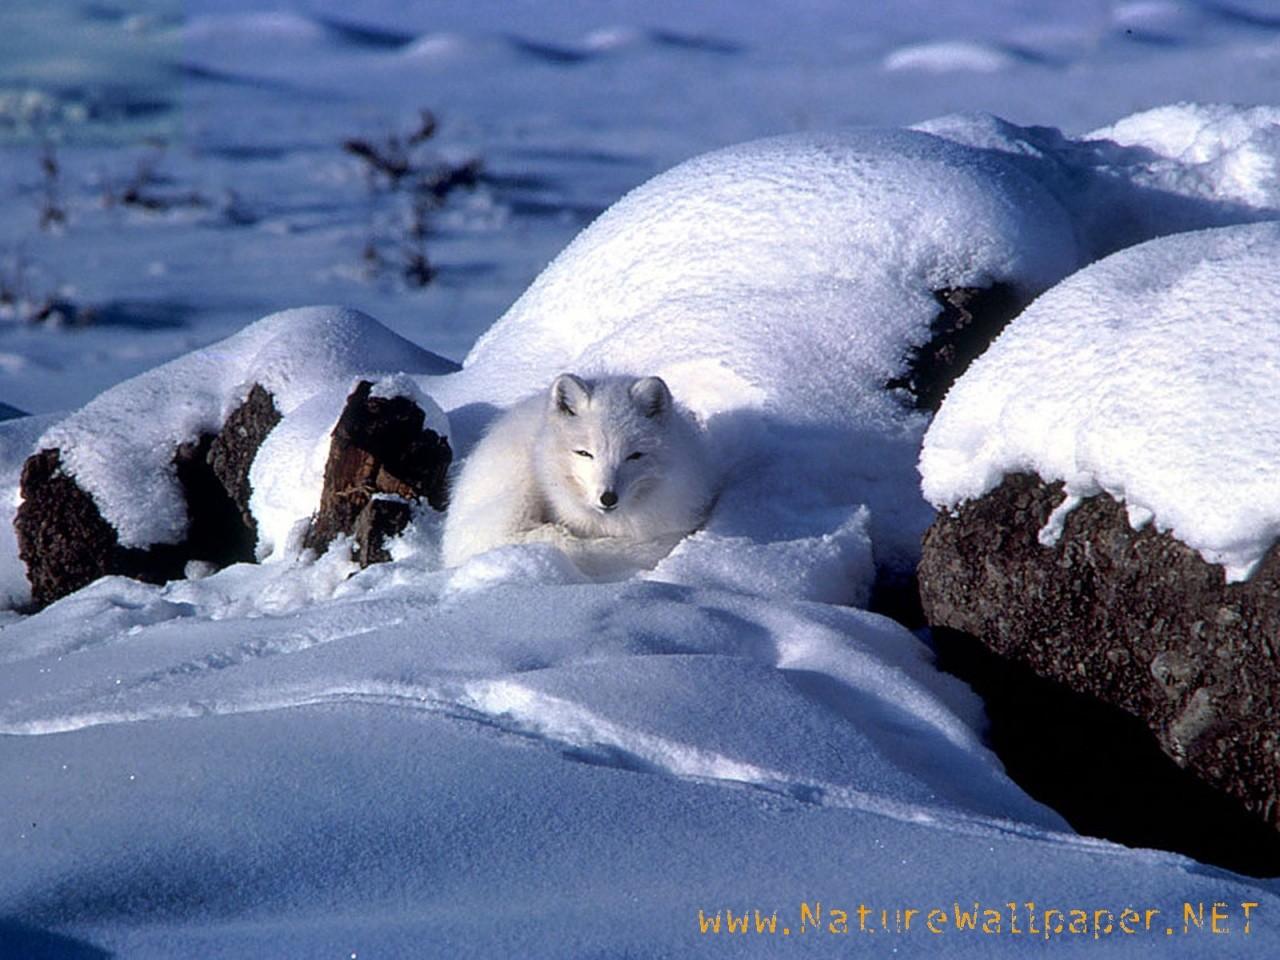 http://1.bp.blogspot.com/_uTGKd6u5pJ4/TQjUlBQ1bsI/AAAAAAAAAMk/xX0QWJlIM2M/s1600/Arctic-fox-animal-wallpaper.jpg